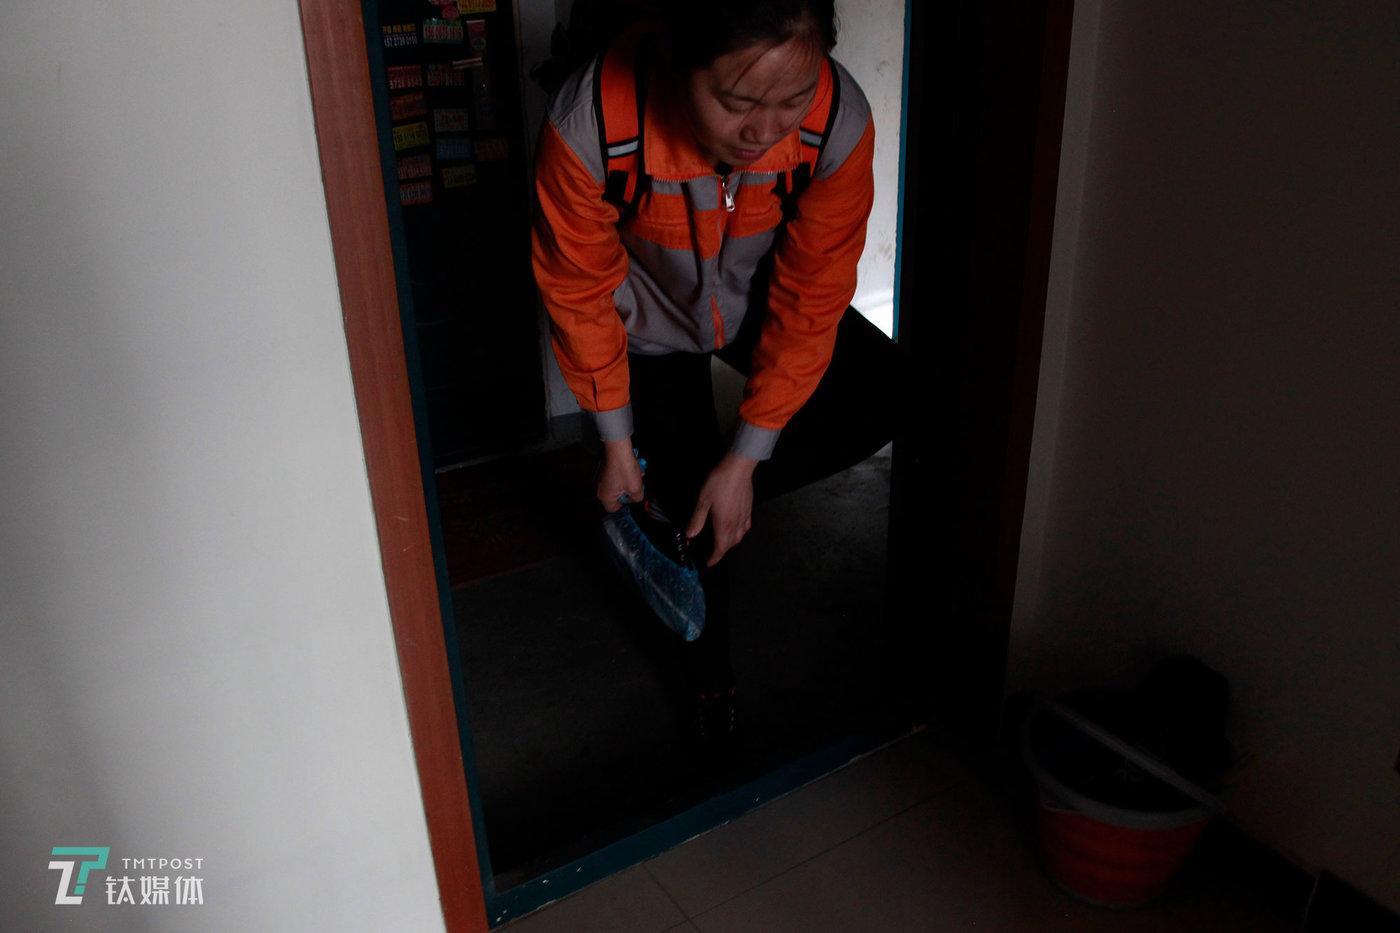 """12月3日下午,北京,保洁员夏芸(化名)来到一处长租公寓做清洁,进门前必须套上鞋套。41岁的夏芸来自河南,北漂做保洁员已经三年。她15岁出门打工,到北京之前一直在深圳的服装厂工作。""""我念书少,在大城市能选择的工作不多。这个虽然脏点累点,但安排比较自主。""""夏芸每天七点起床上班,直到下午五点。她服务五个小区50多户租客,打扫厨房、卫生间、客厅等公共区域,每年打扫房间3600多间次。"""